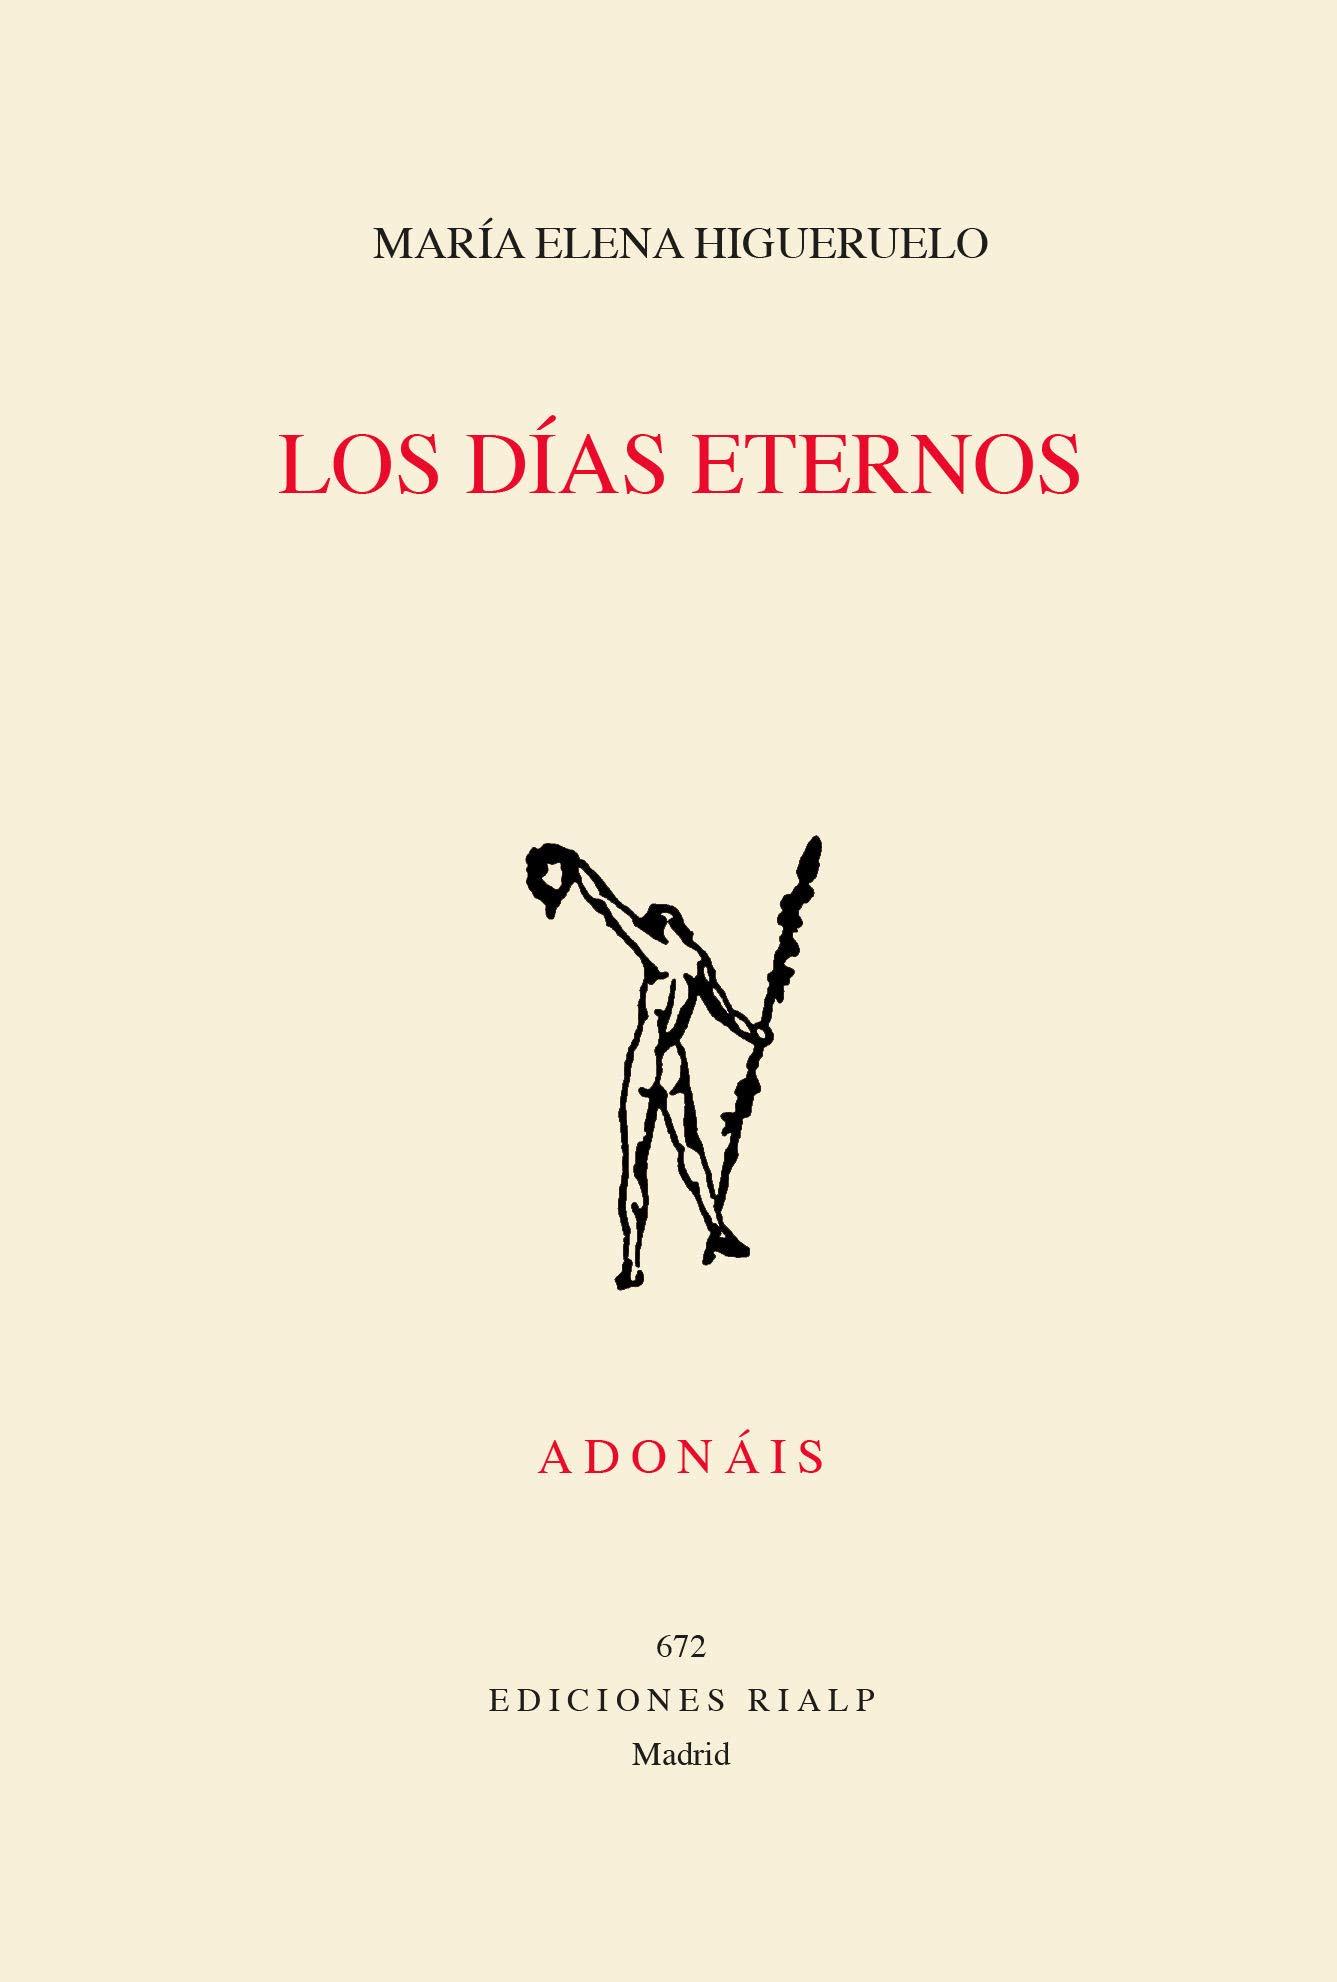 María Elena Higueruelo Illana, Premio Nacional de Poesía Joven Miguel Hernández 2021